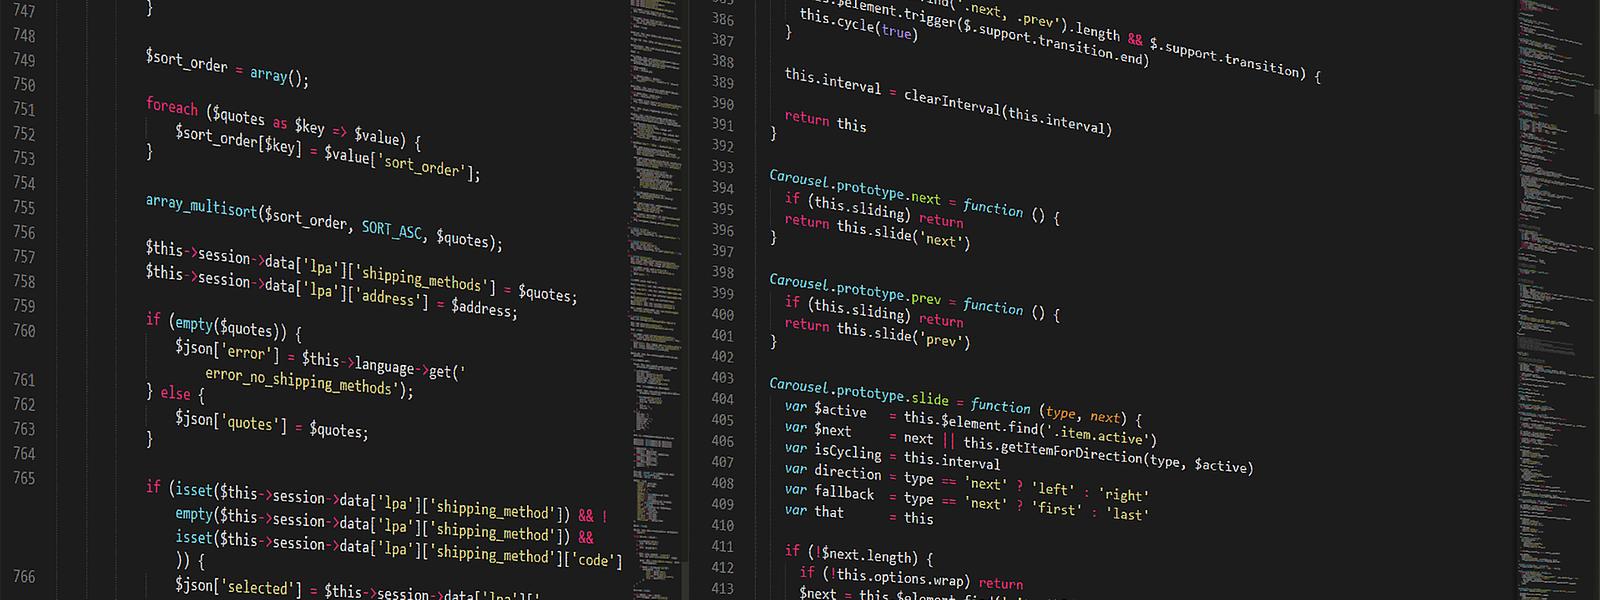 Das sogenannte Darknet ist ein Handelsplatz für illegale Machenschaften.